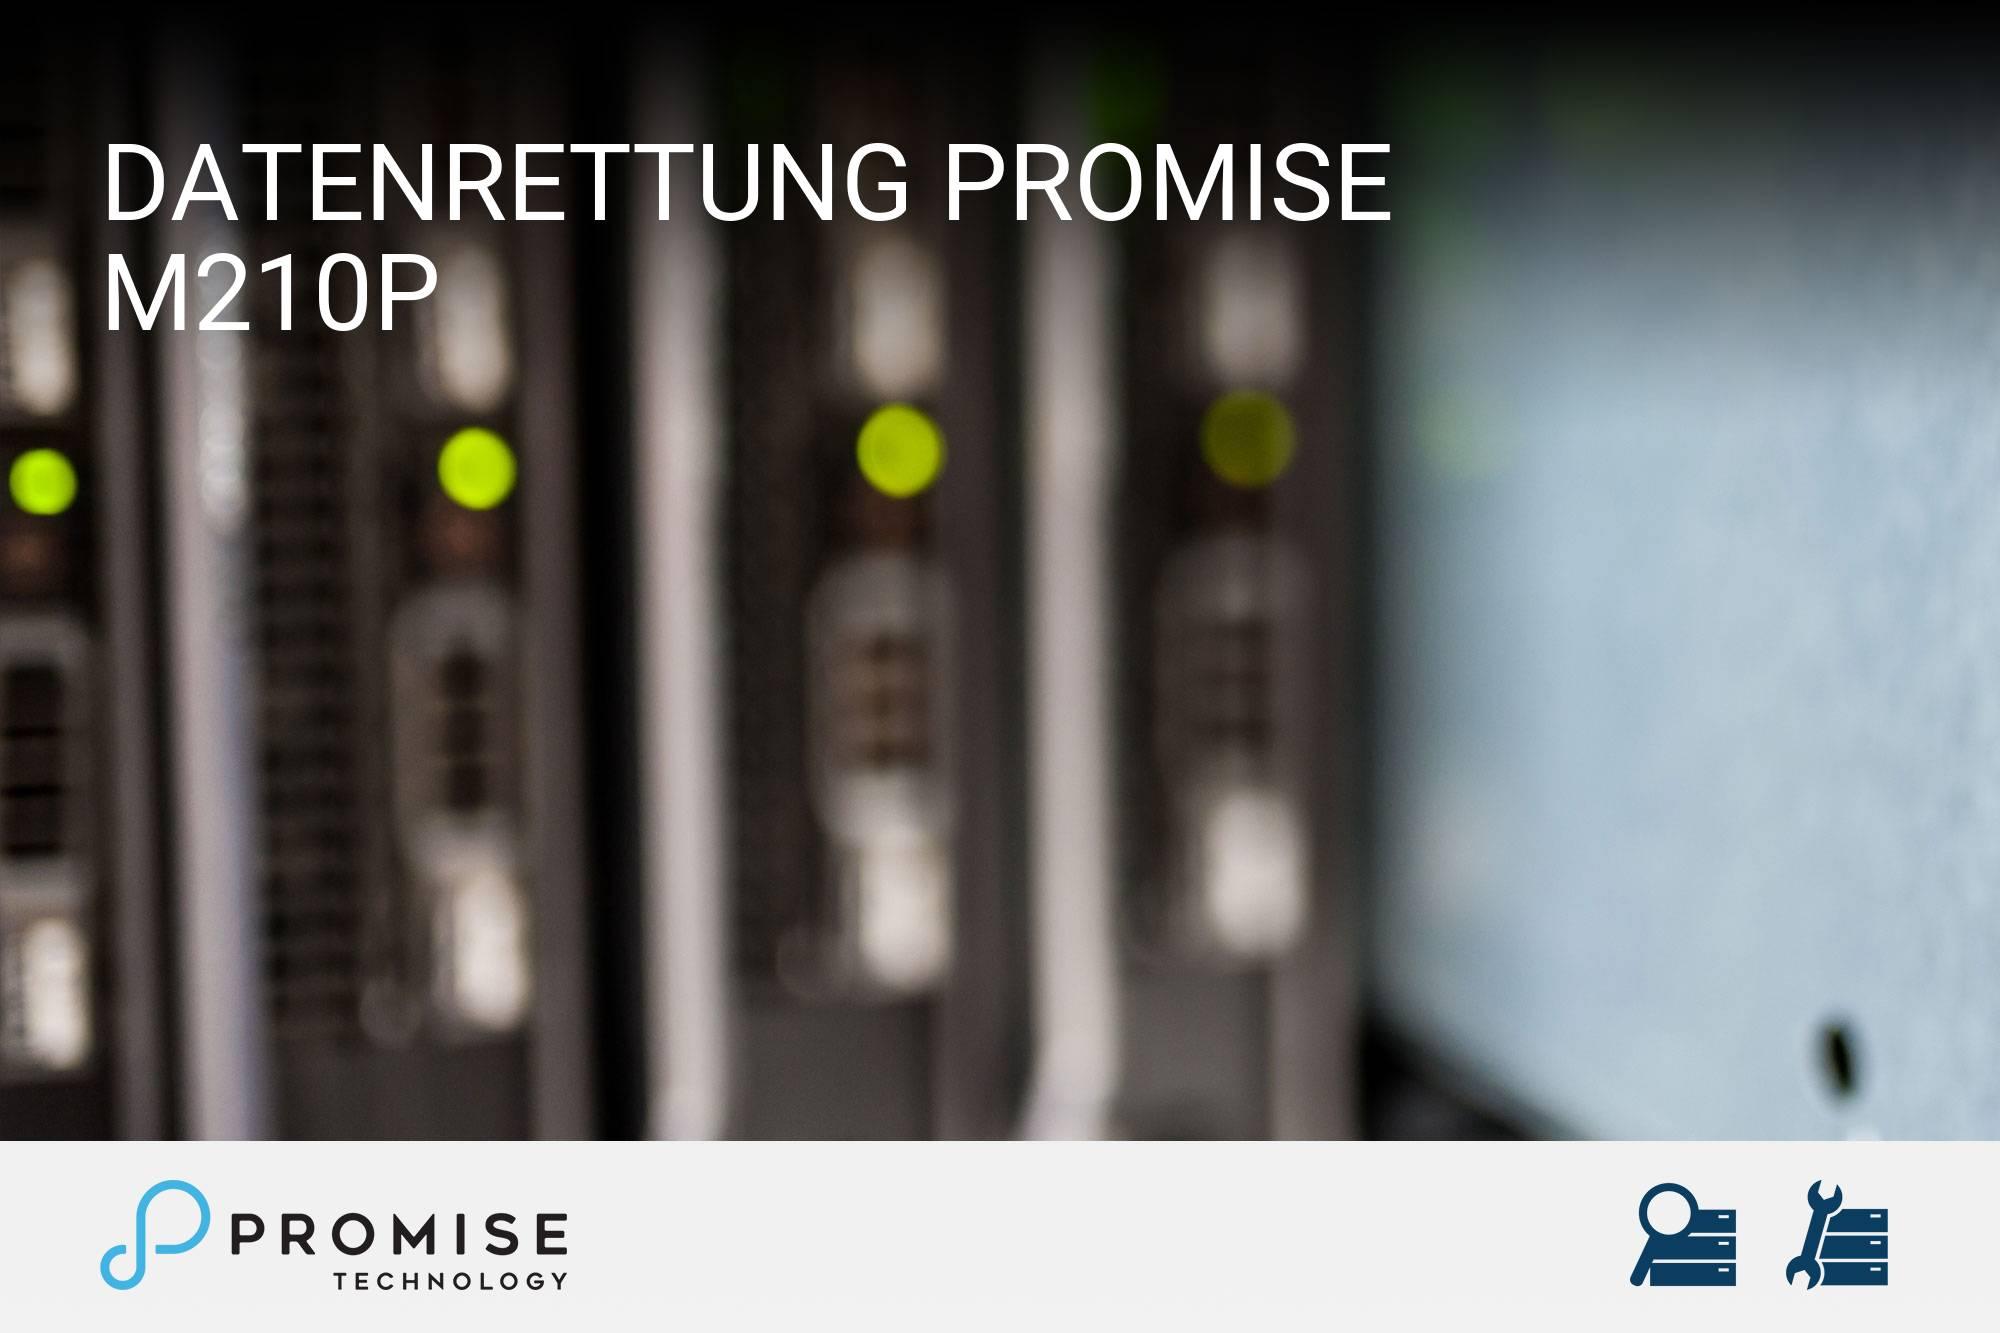 Promise M210p